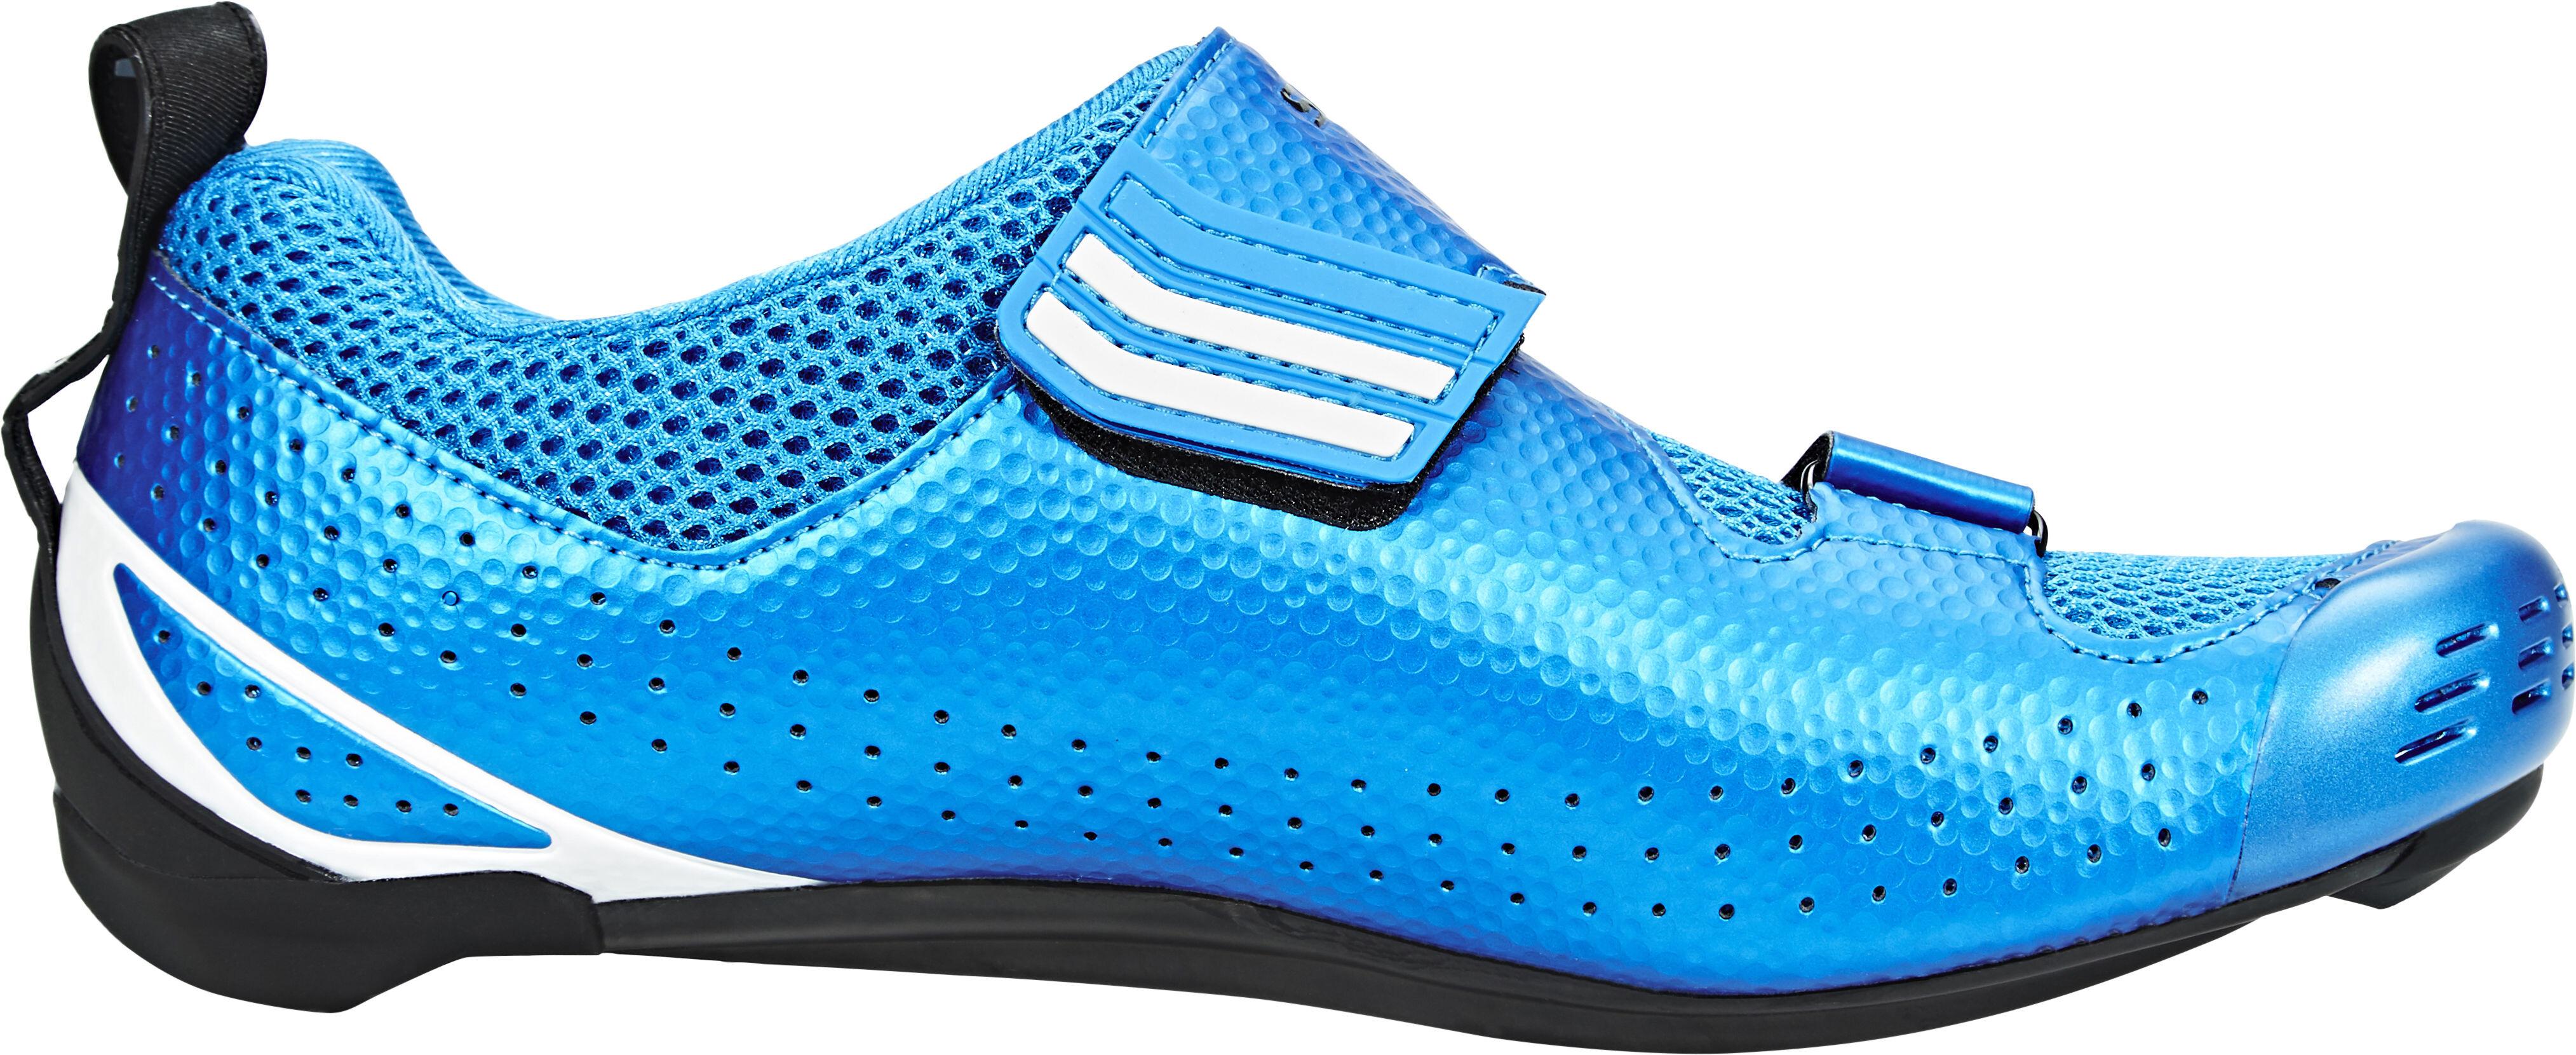 shimano sh tr9 schoenen blauw i online op